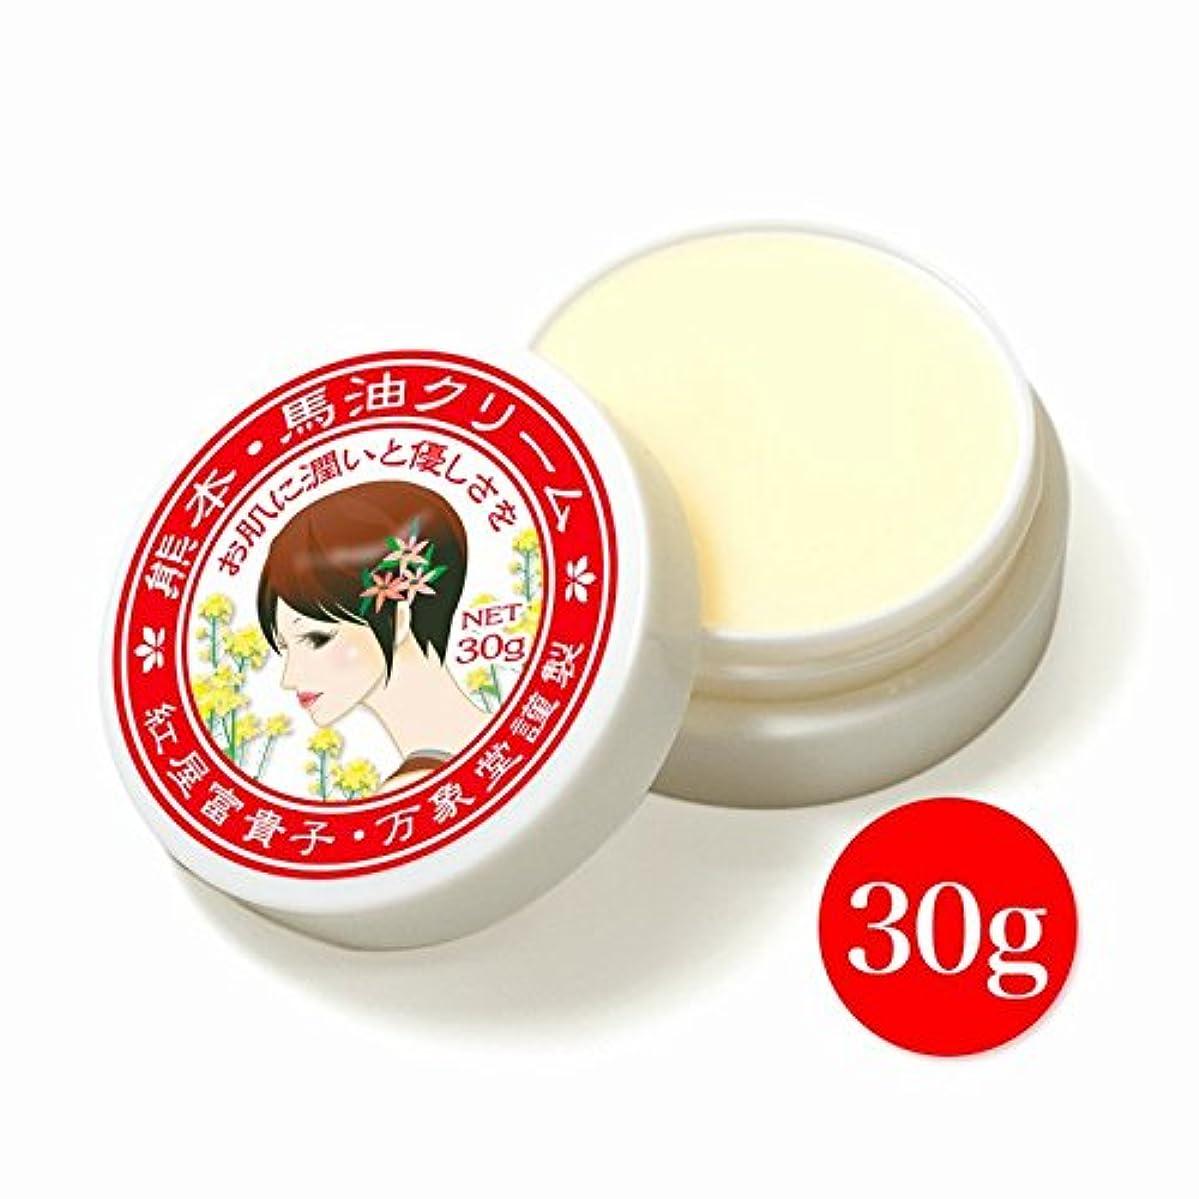 カーテンフラッシュのように素早く男性森羅万象堂 馬油クリーム 30g (ラベンダーの香り)精油 アロマ 国産 保湿 スキンクリーム